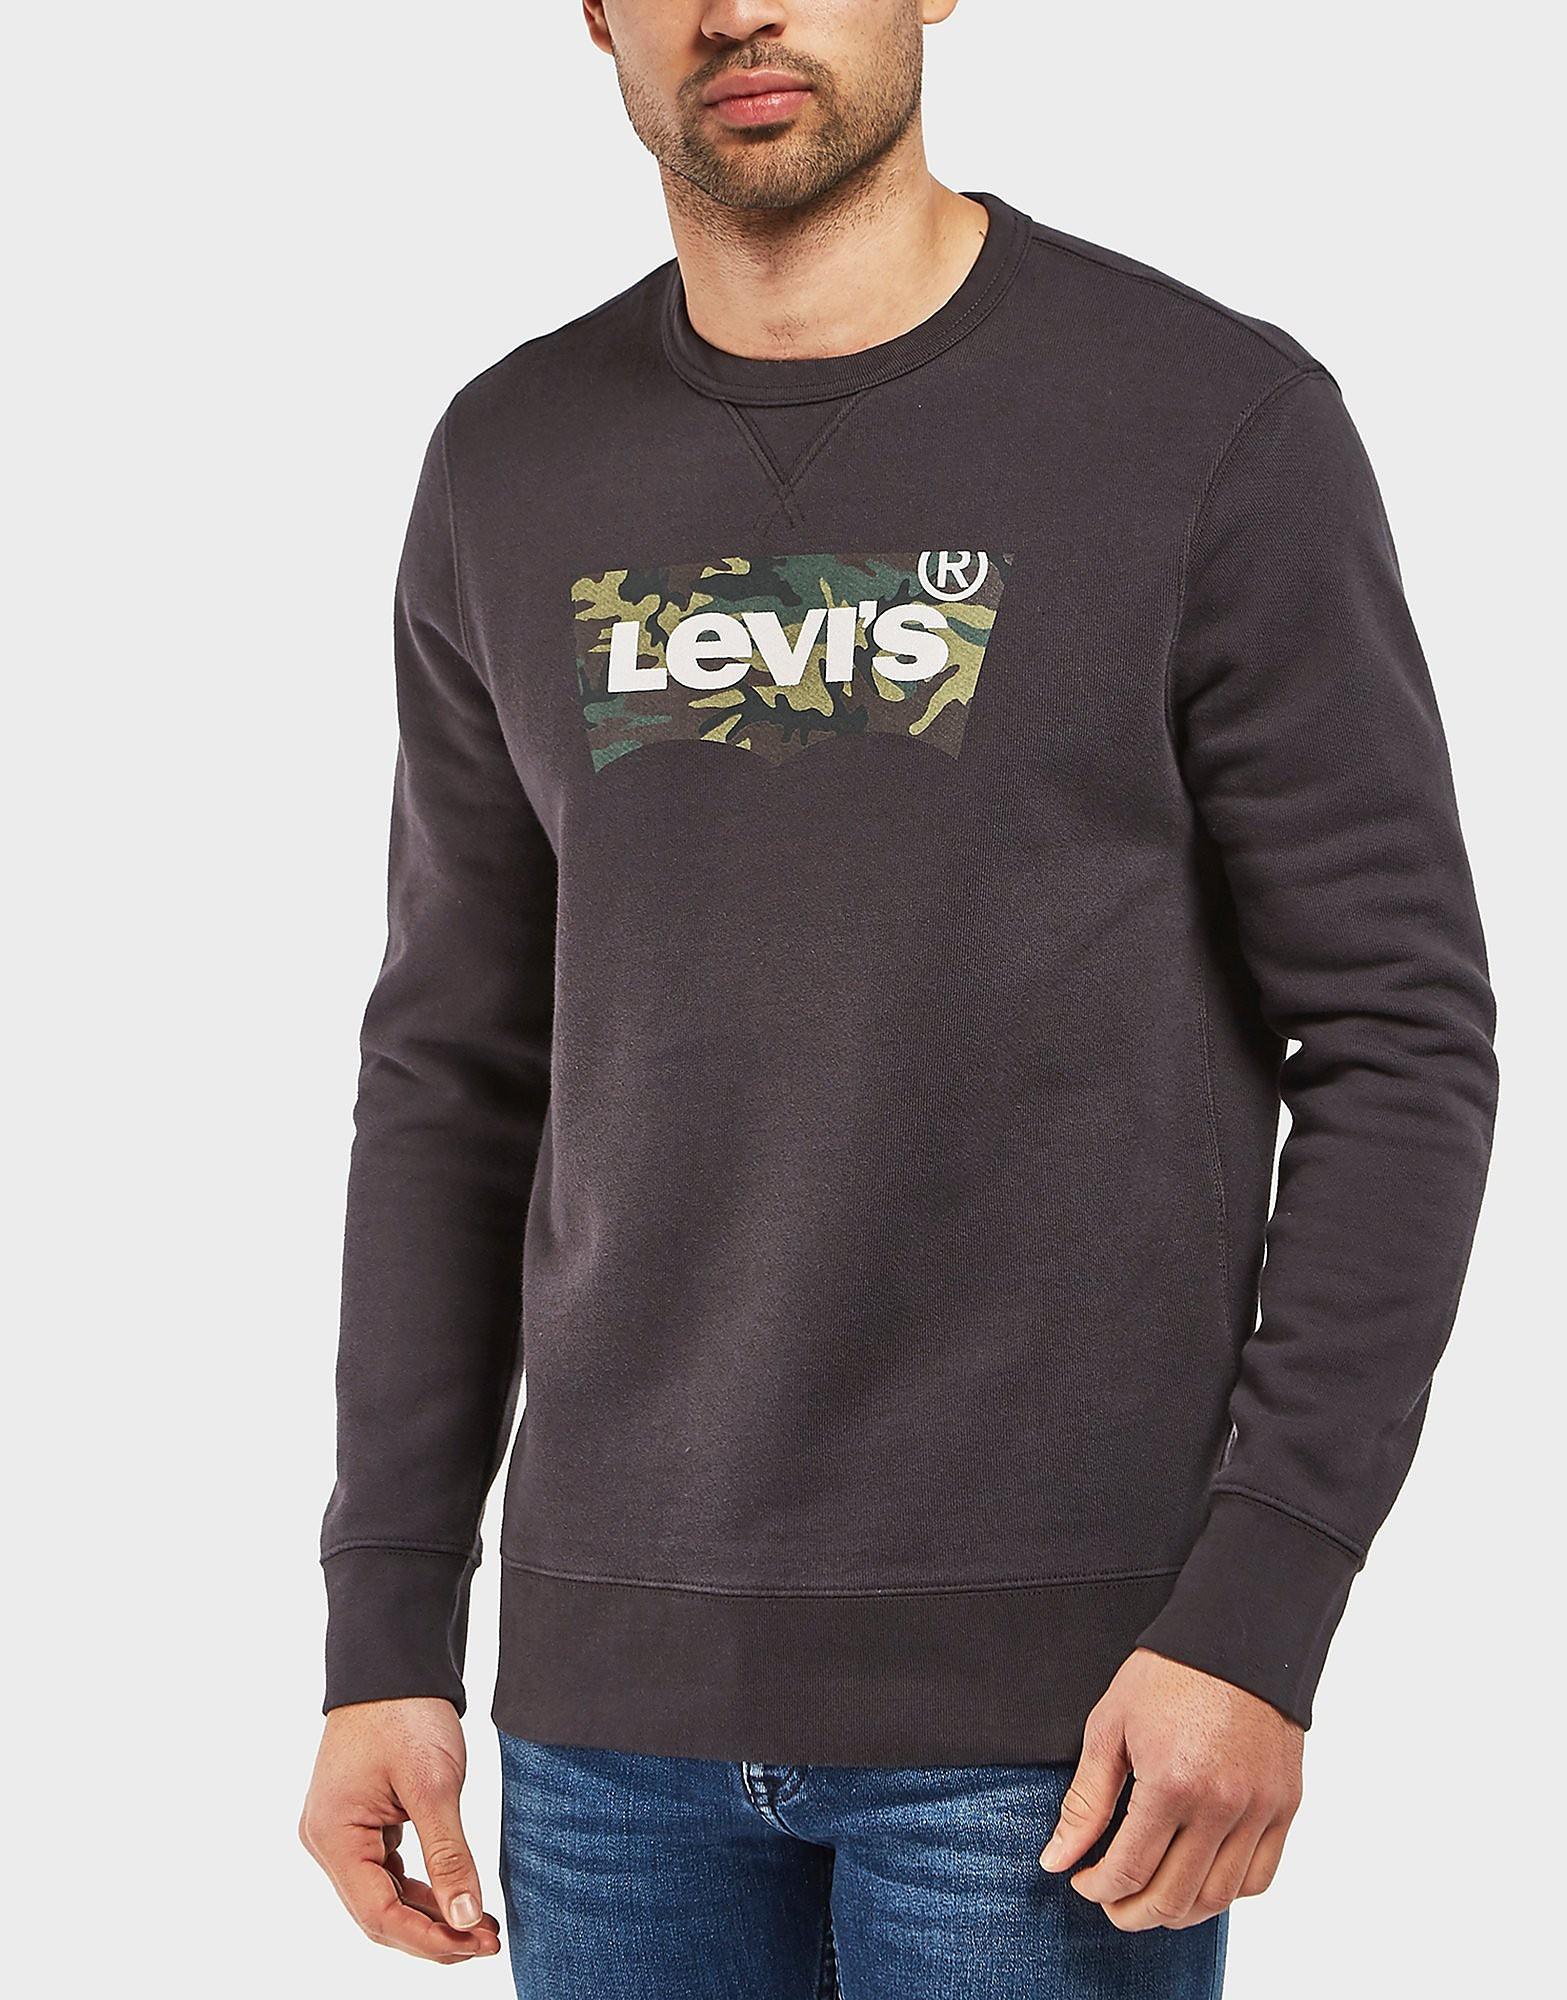 Levis Camo Crew Sweatshirt